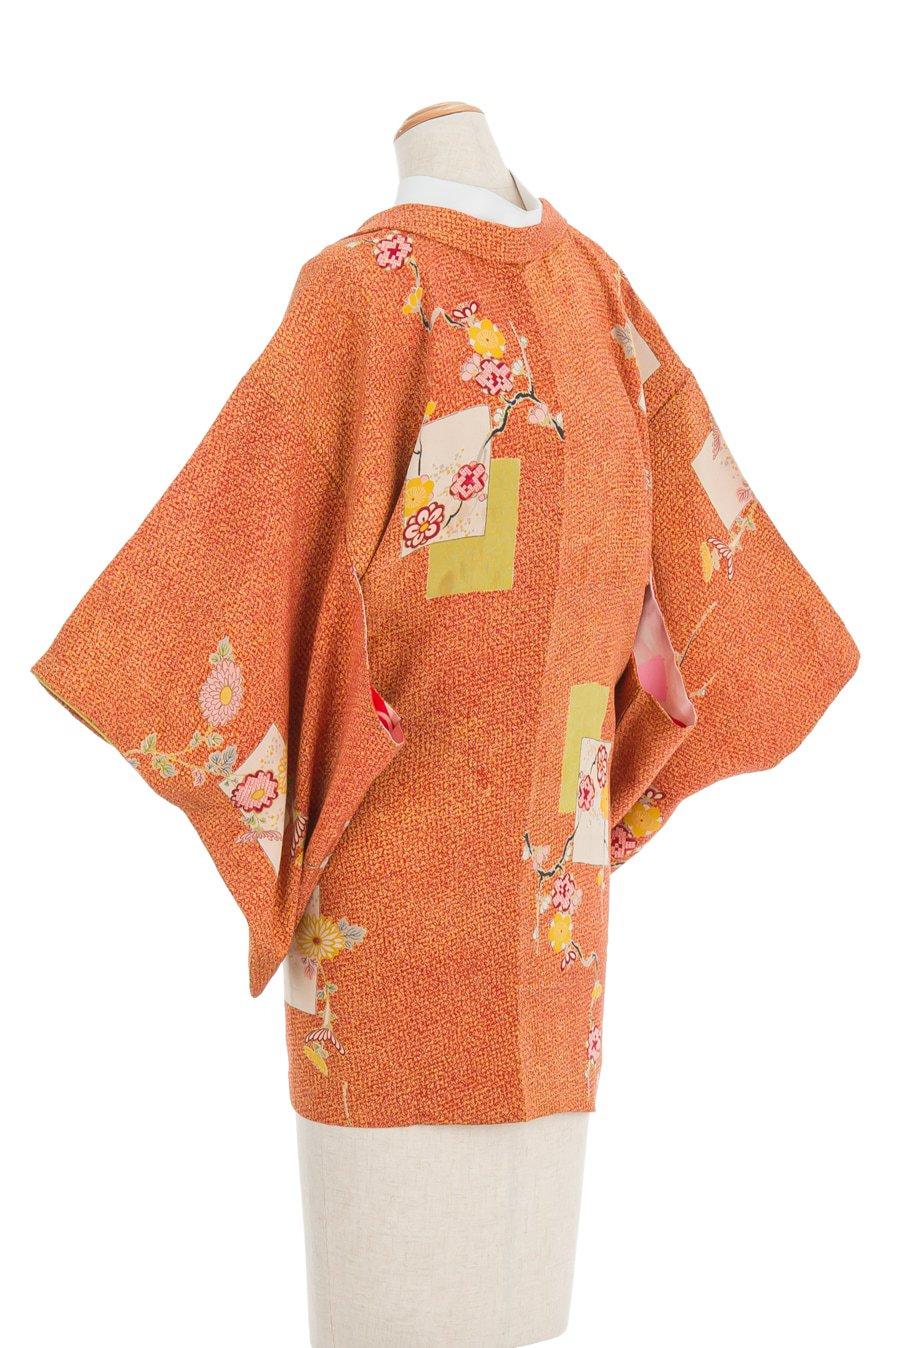 「アンティーク着物 絵札に花」の商品画像